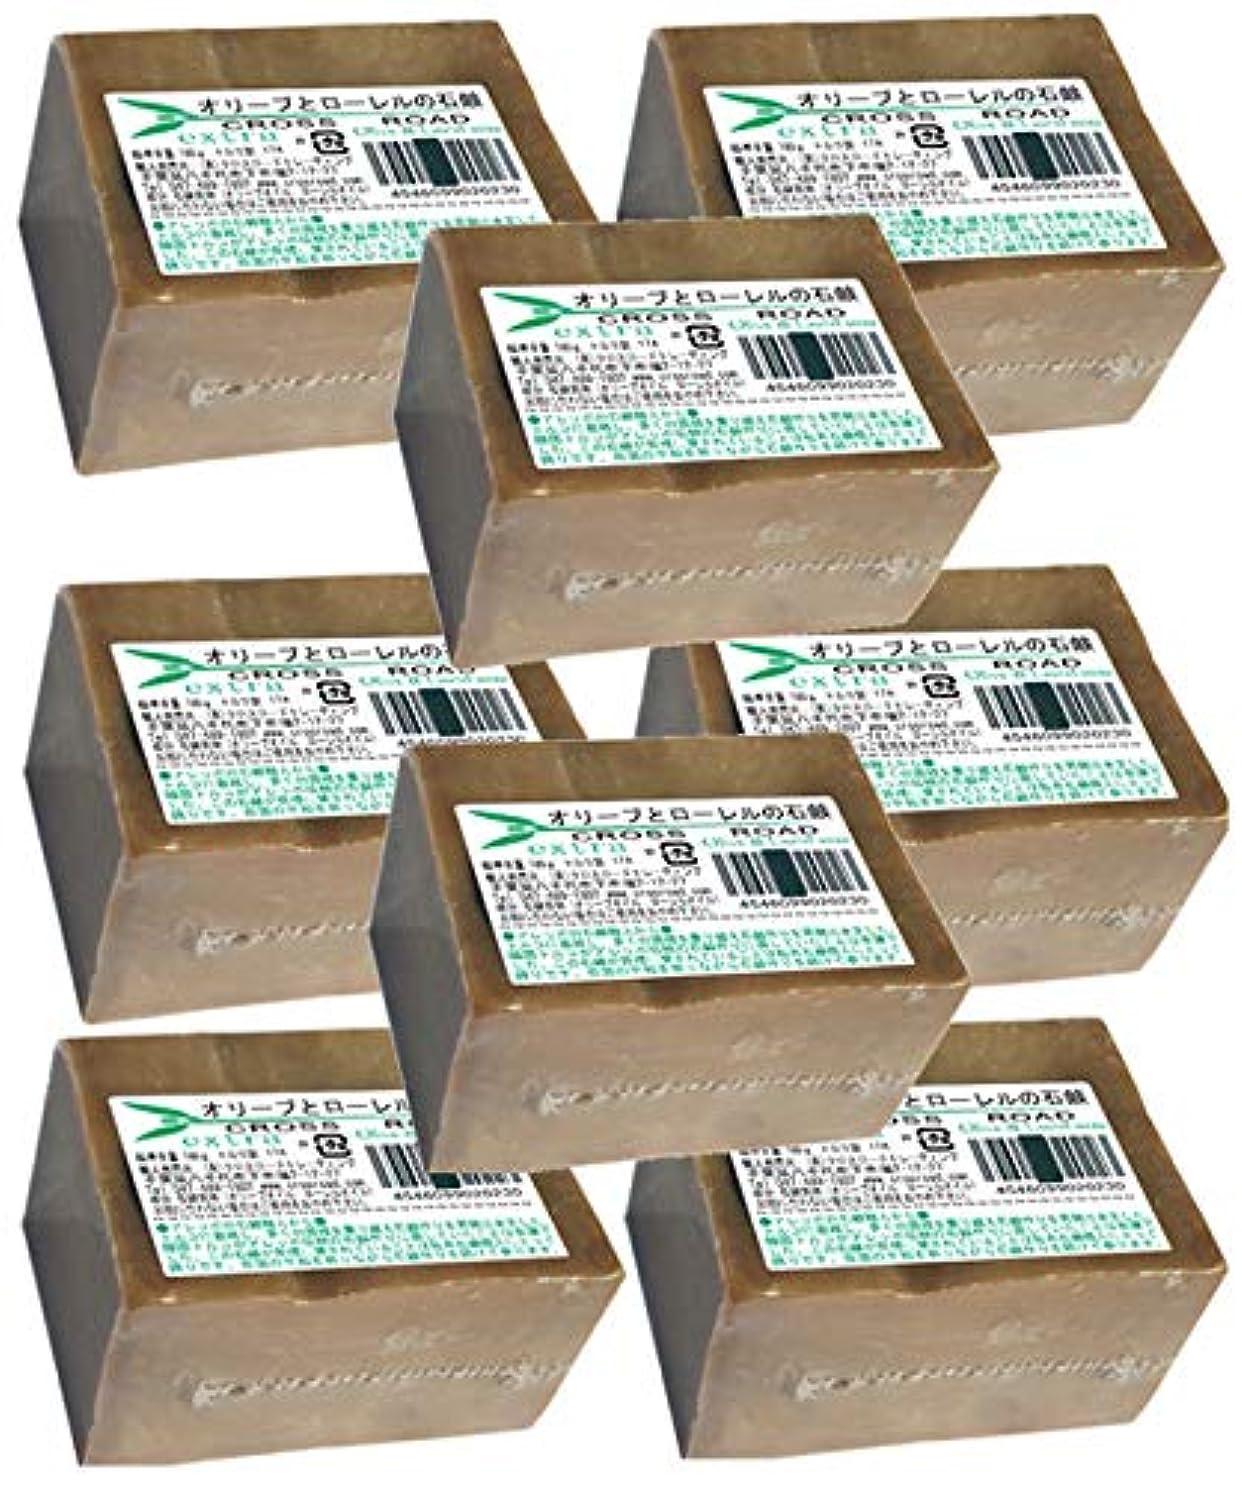 憤る小数インドオリーブとローレルの石鹸(エキストラ)8個セット[並行輸入品]